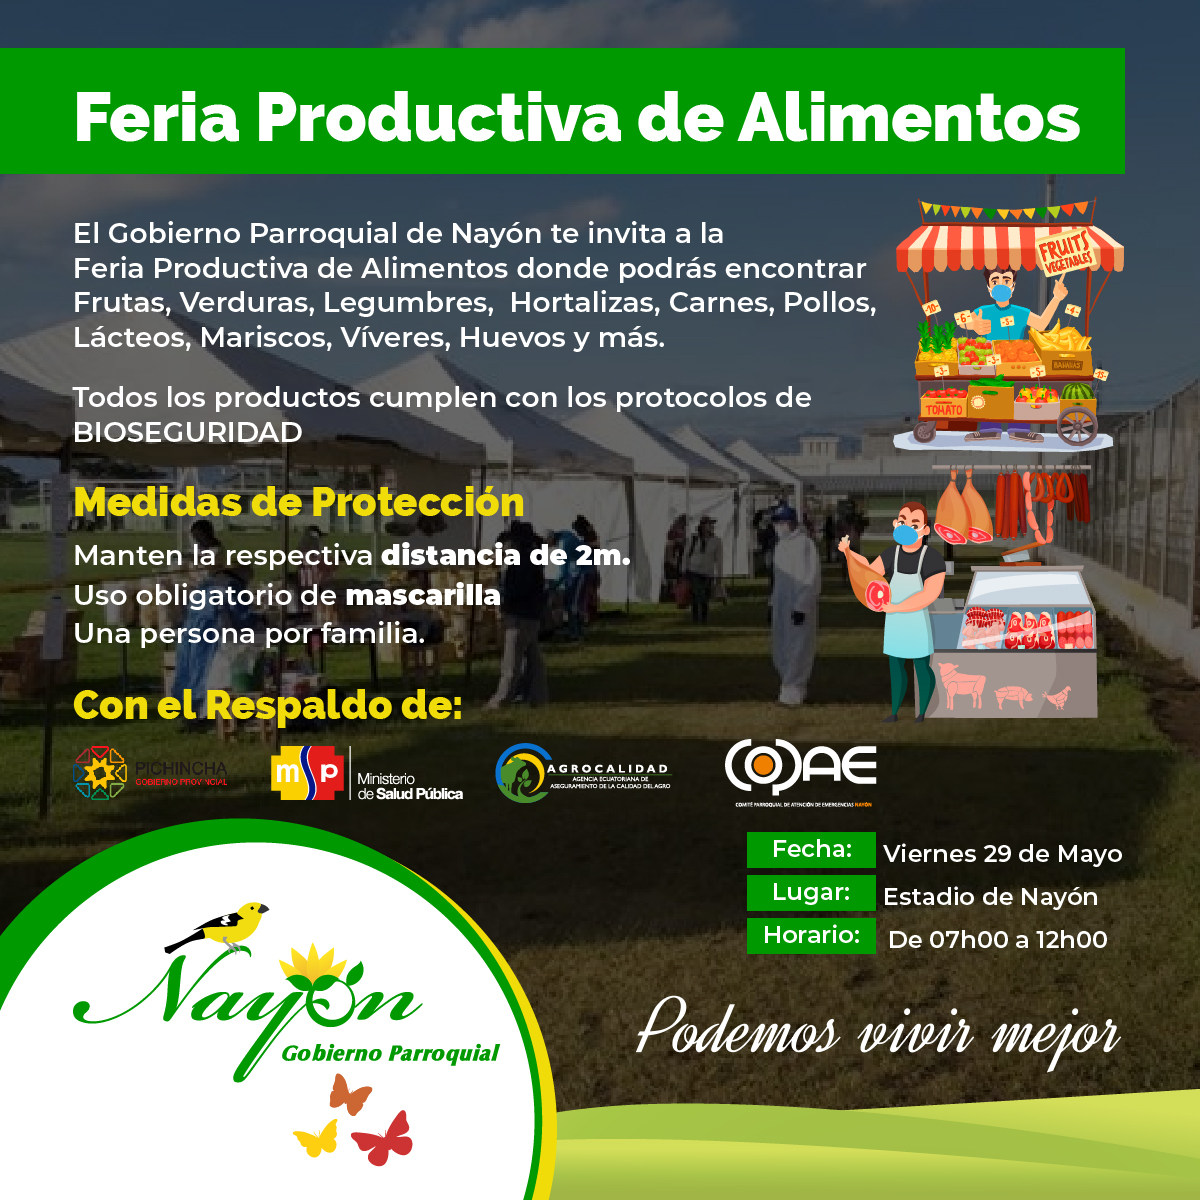 Feria de Alimentos